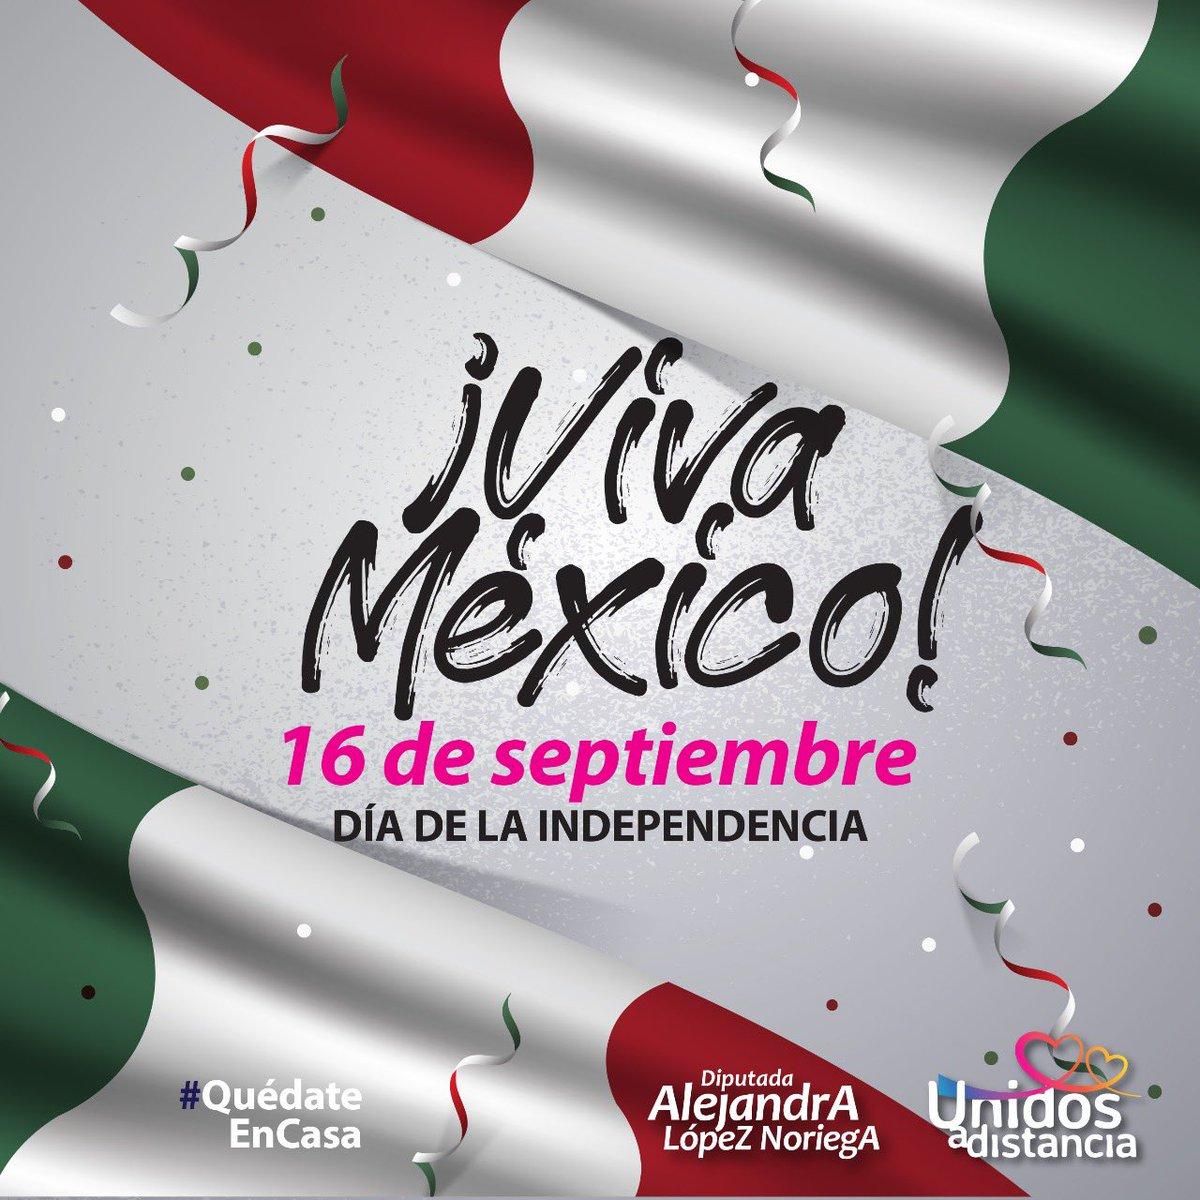 Nos mueve el orgullo por nuestra nación, nos une la necesidad de verla fortalecerse y crecer. Celebremos este día siendo buenos mexicanos y mexicanas. https://t.co/j21dzgBTq1